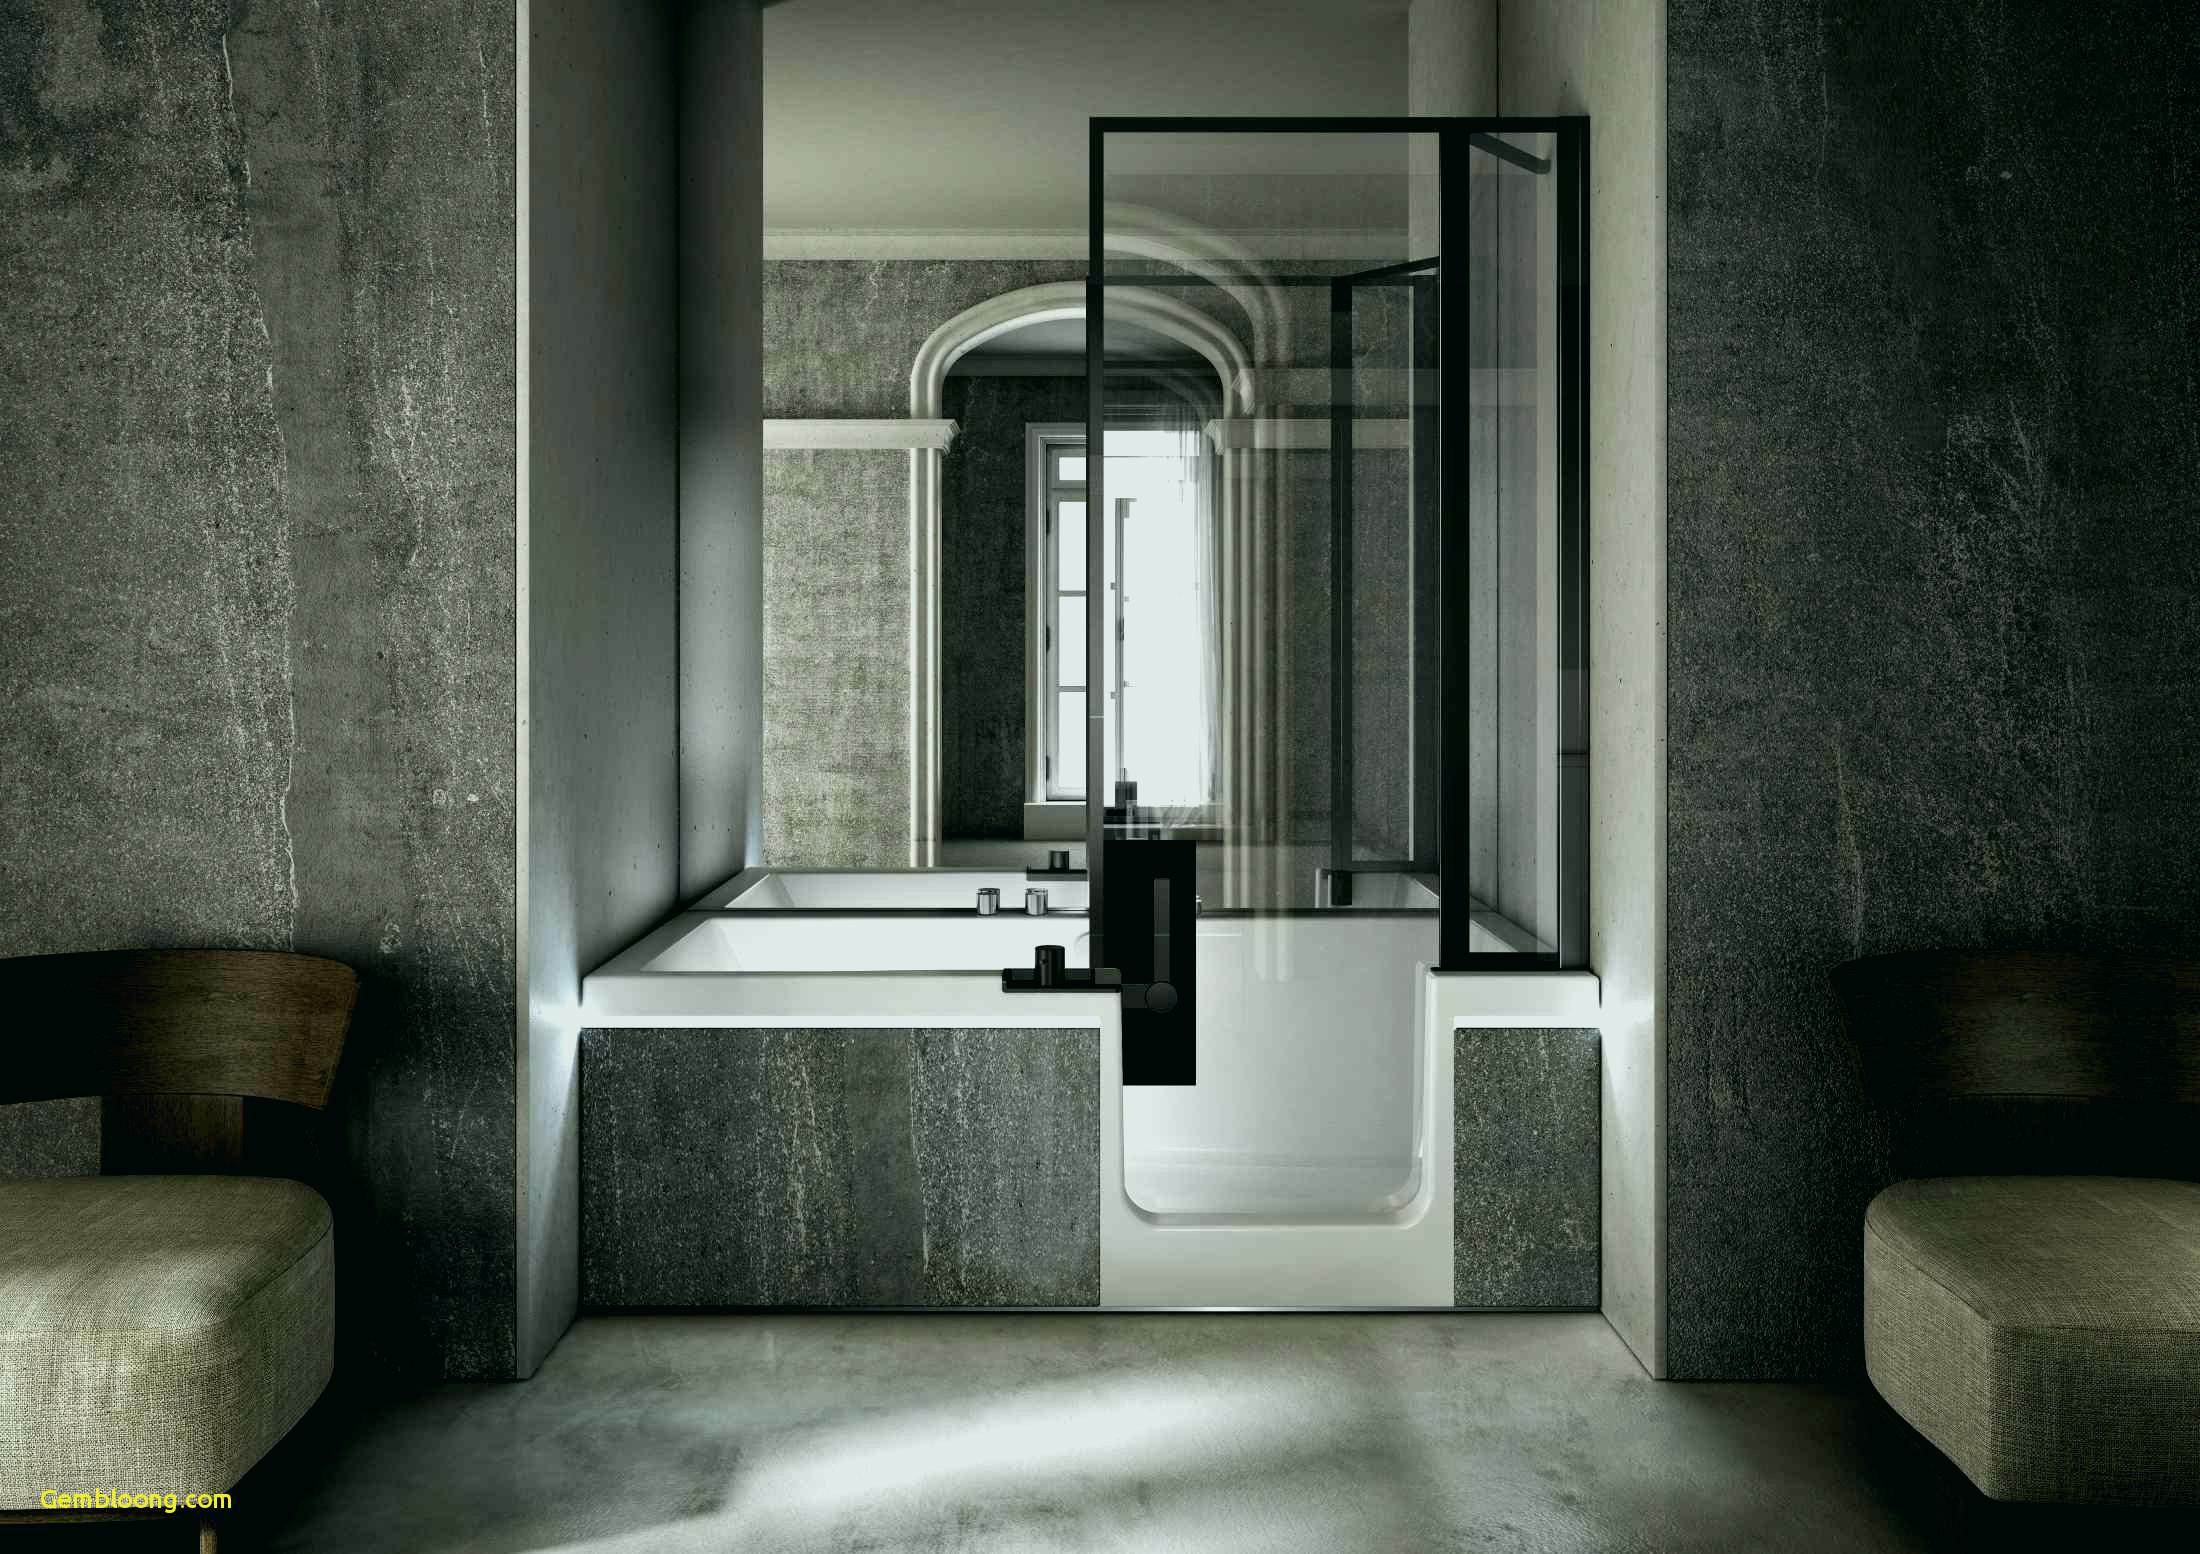 incroyable chaise de bain pour handicape awesome barre handicape douche norme inspirations